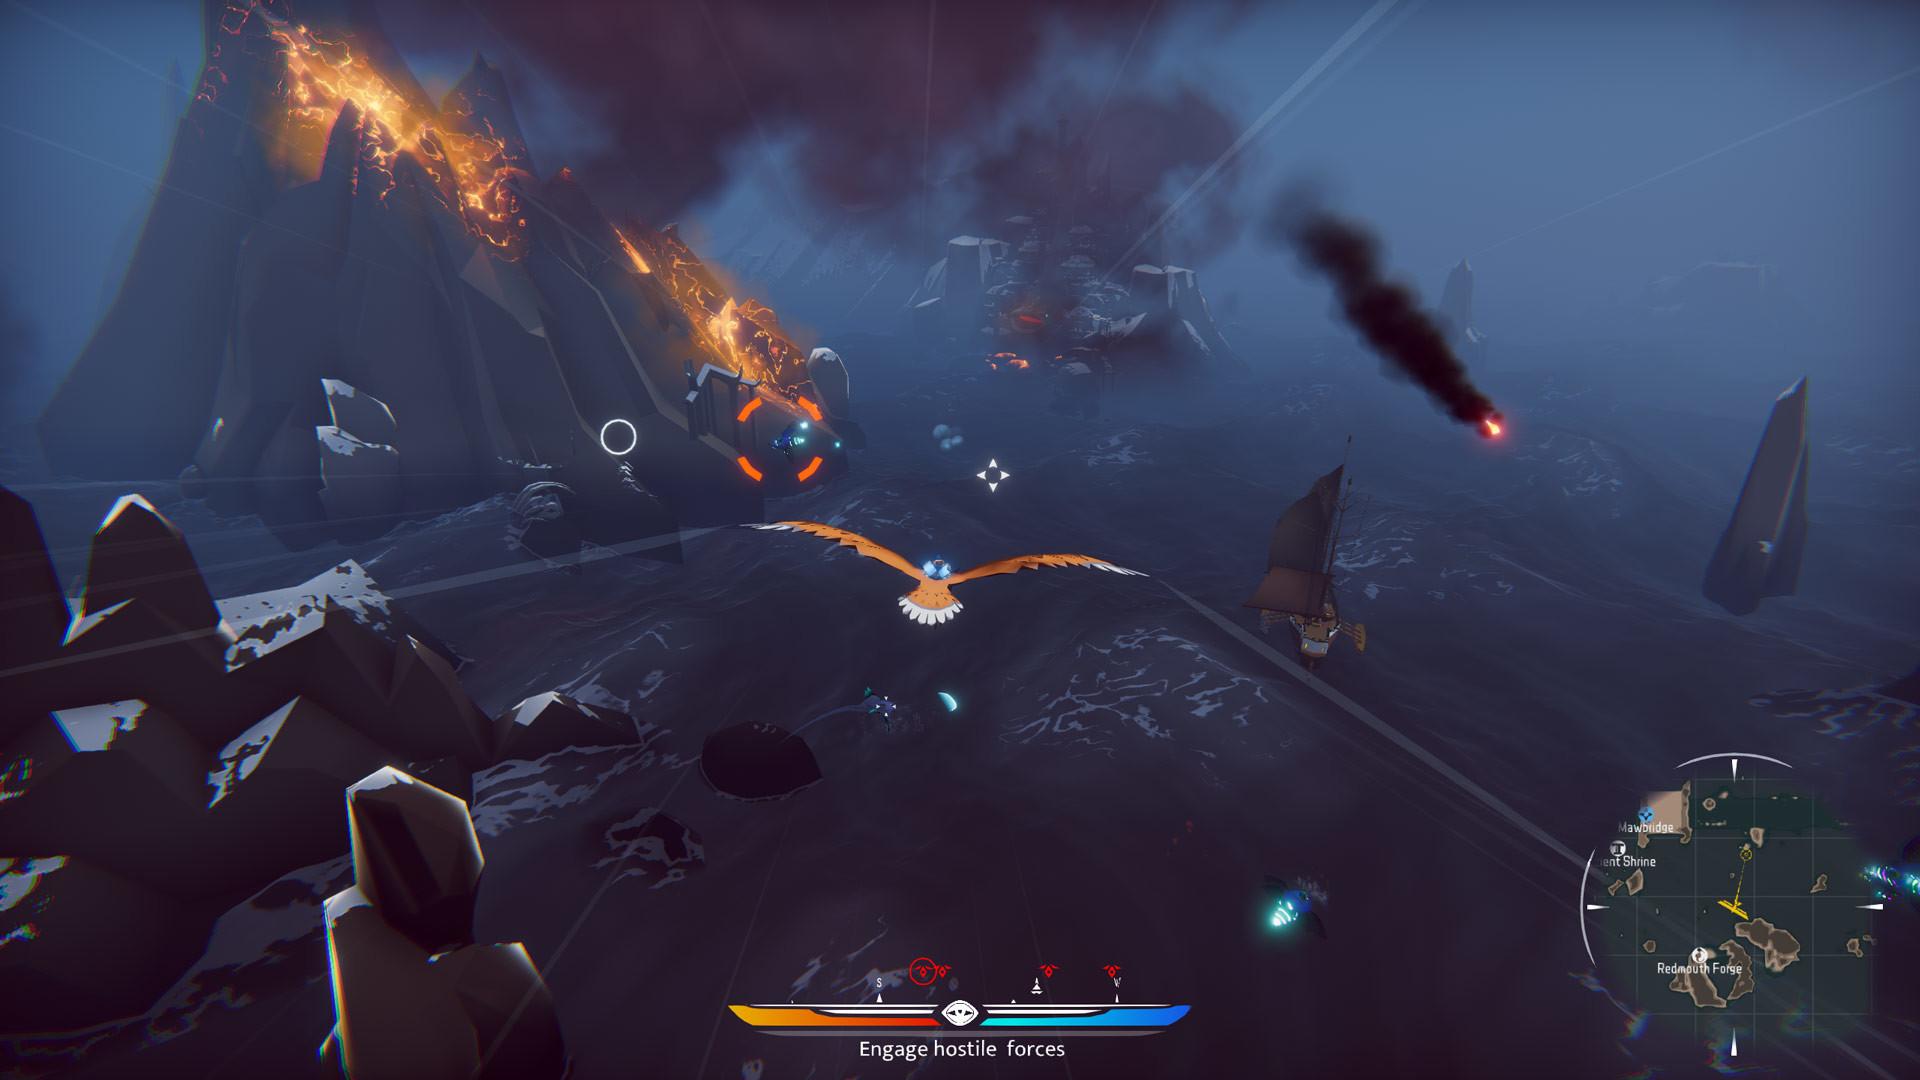 《空战猎鹰》现已登陆PC 驾御雄鹰探究奇幻国际